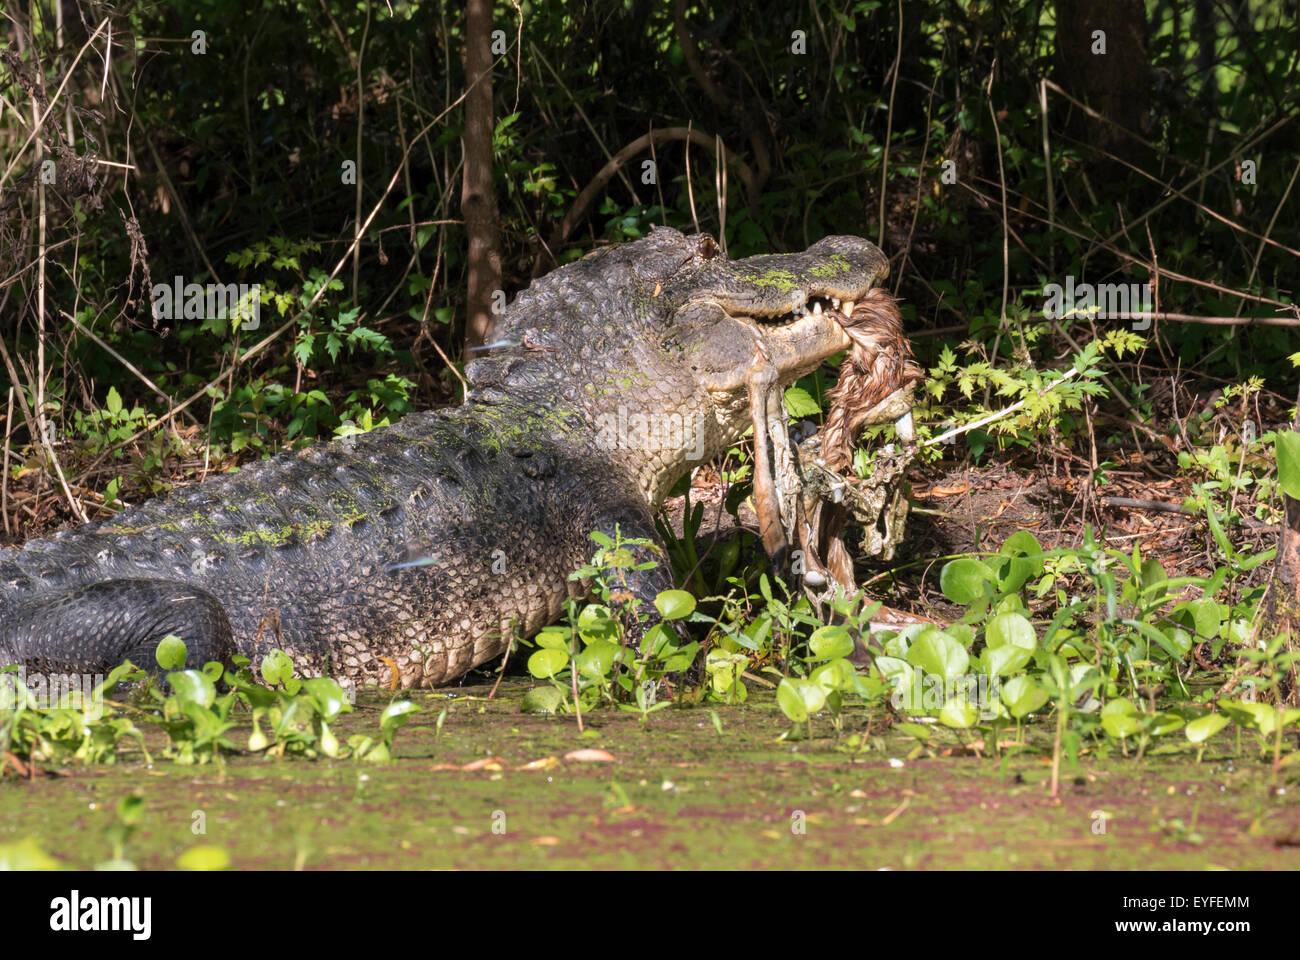 Amerikanischer Alligator (Alligator Mississippiensis) Essen, ein Reh, Brazos Bend State Park, Needville, Texas, Stockbild